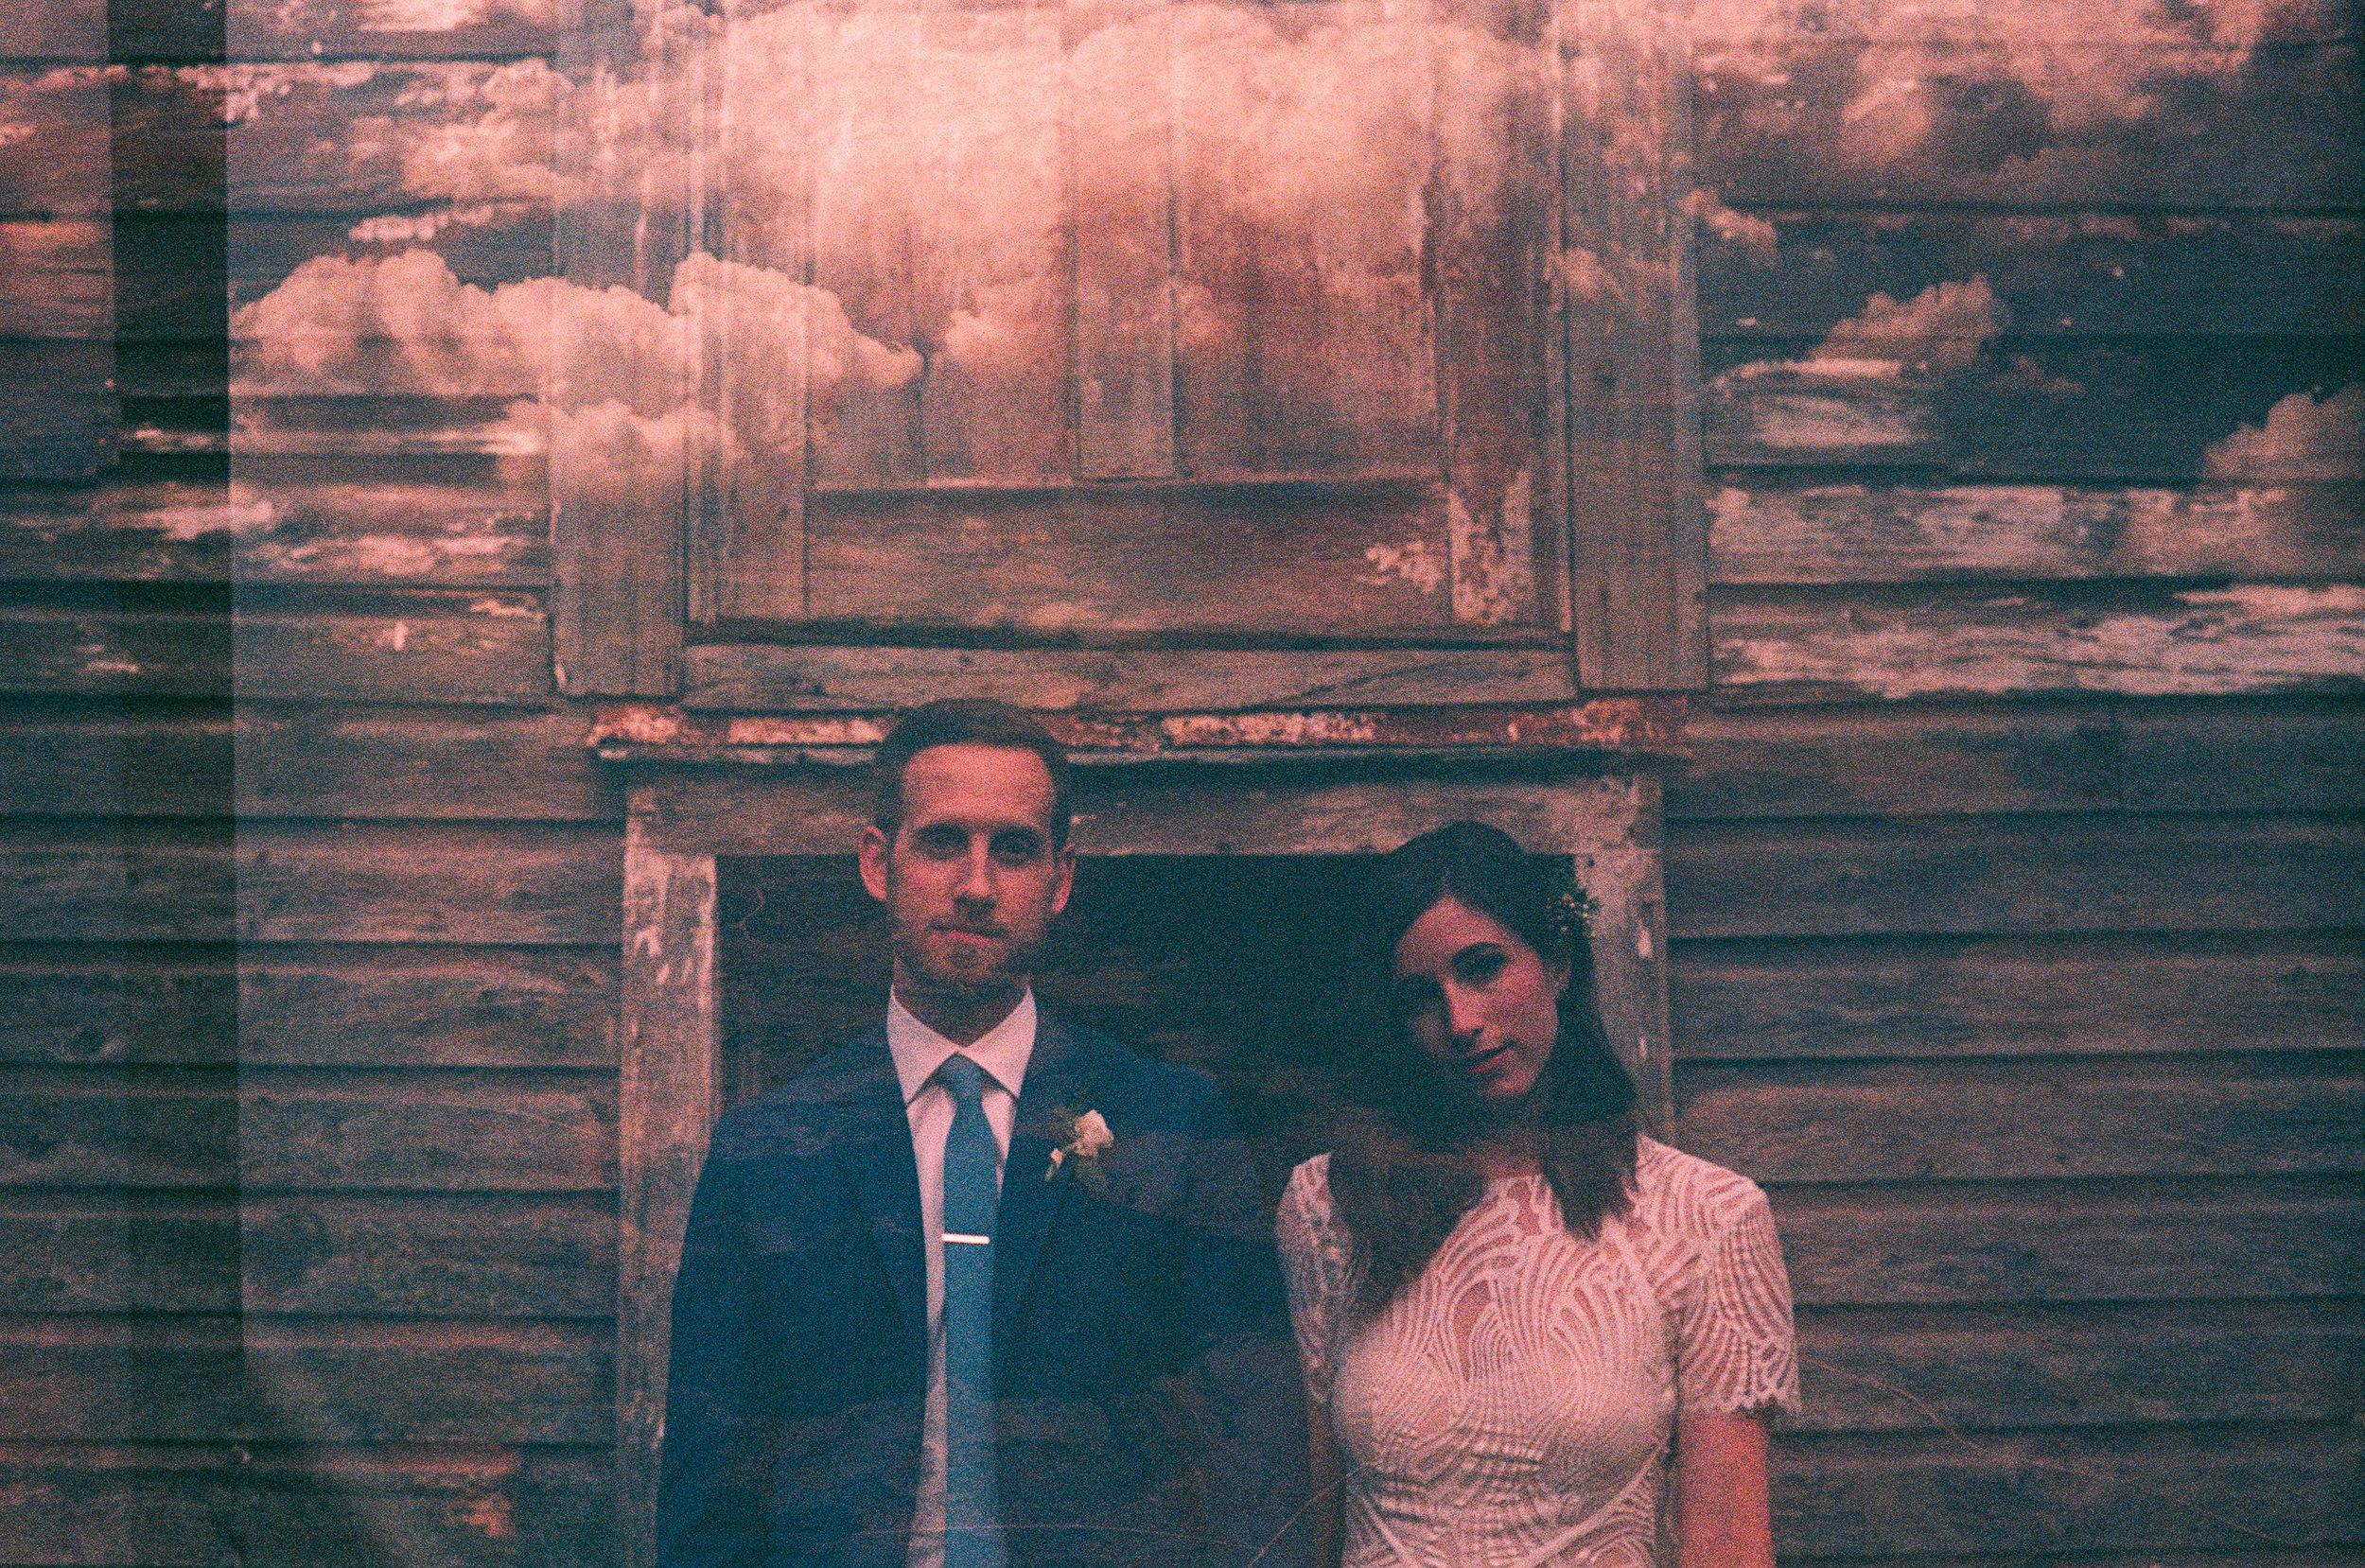 mapleshade_farm_wedding_35mm-4030.jpg